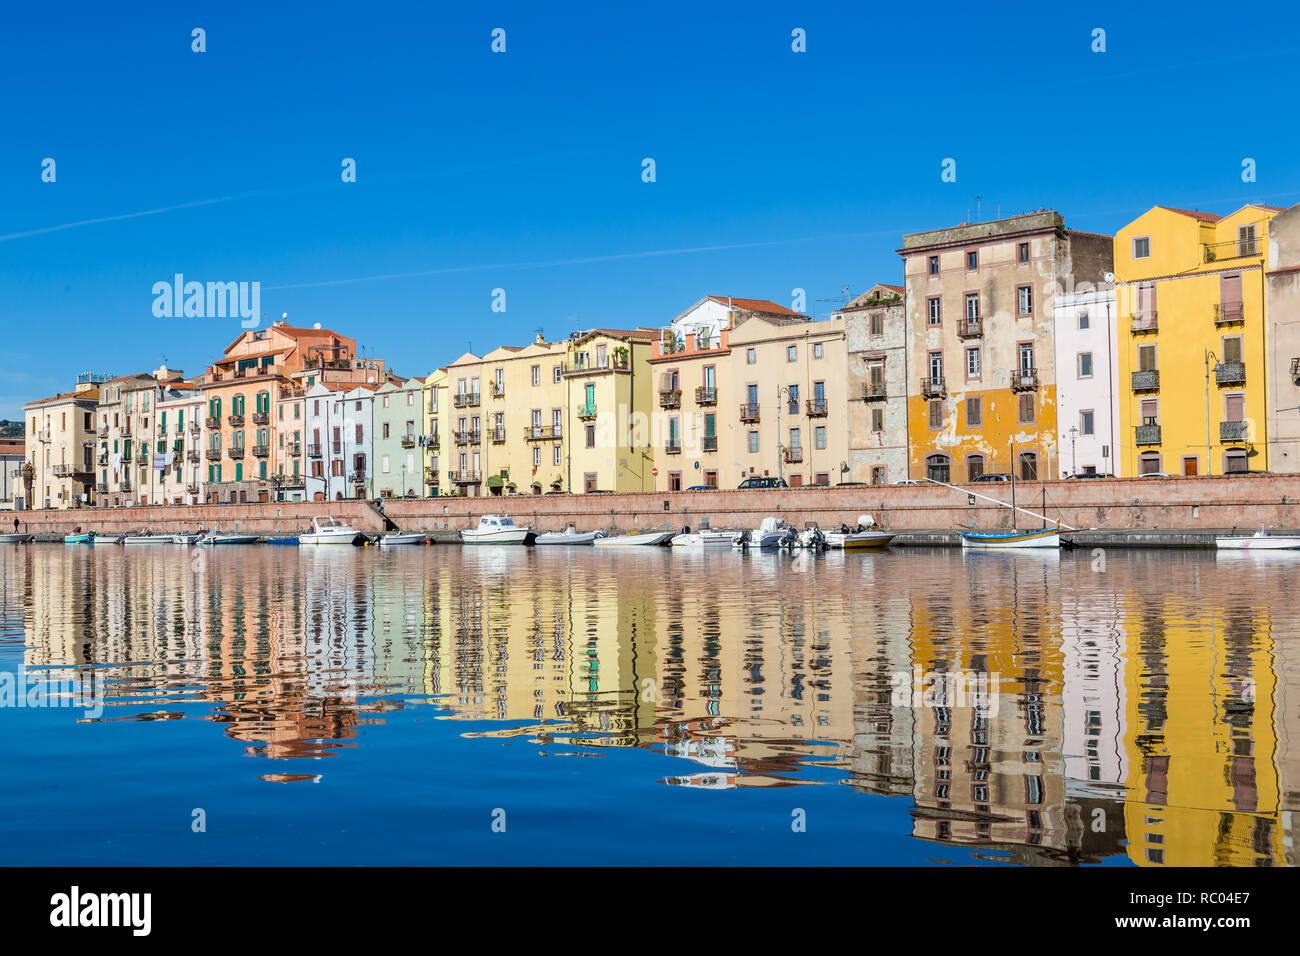 Rues de la région de la petite ville pittoresque Bosa en Sardaigne, Italie Banque D'Images